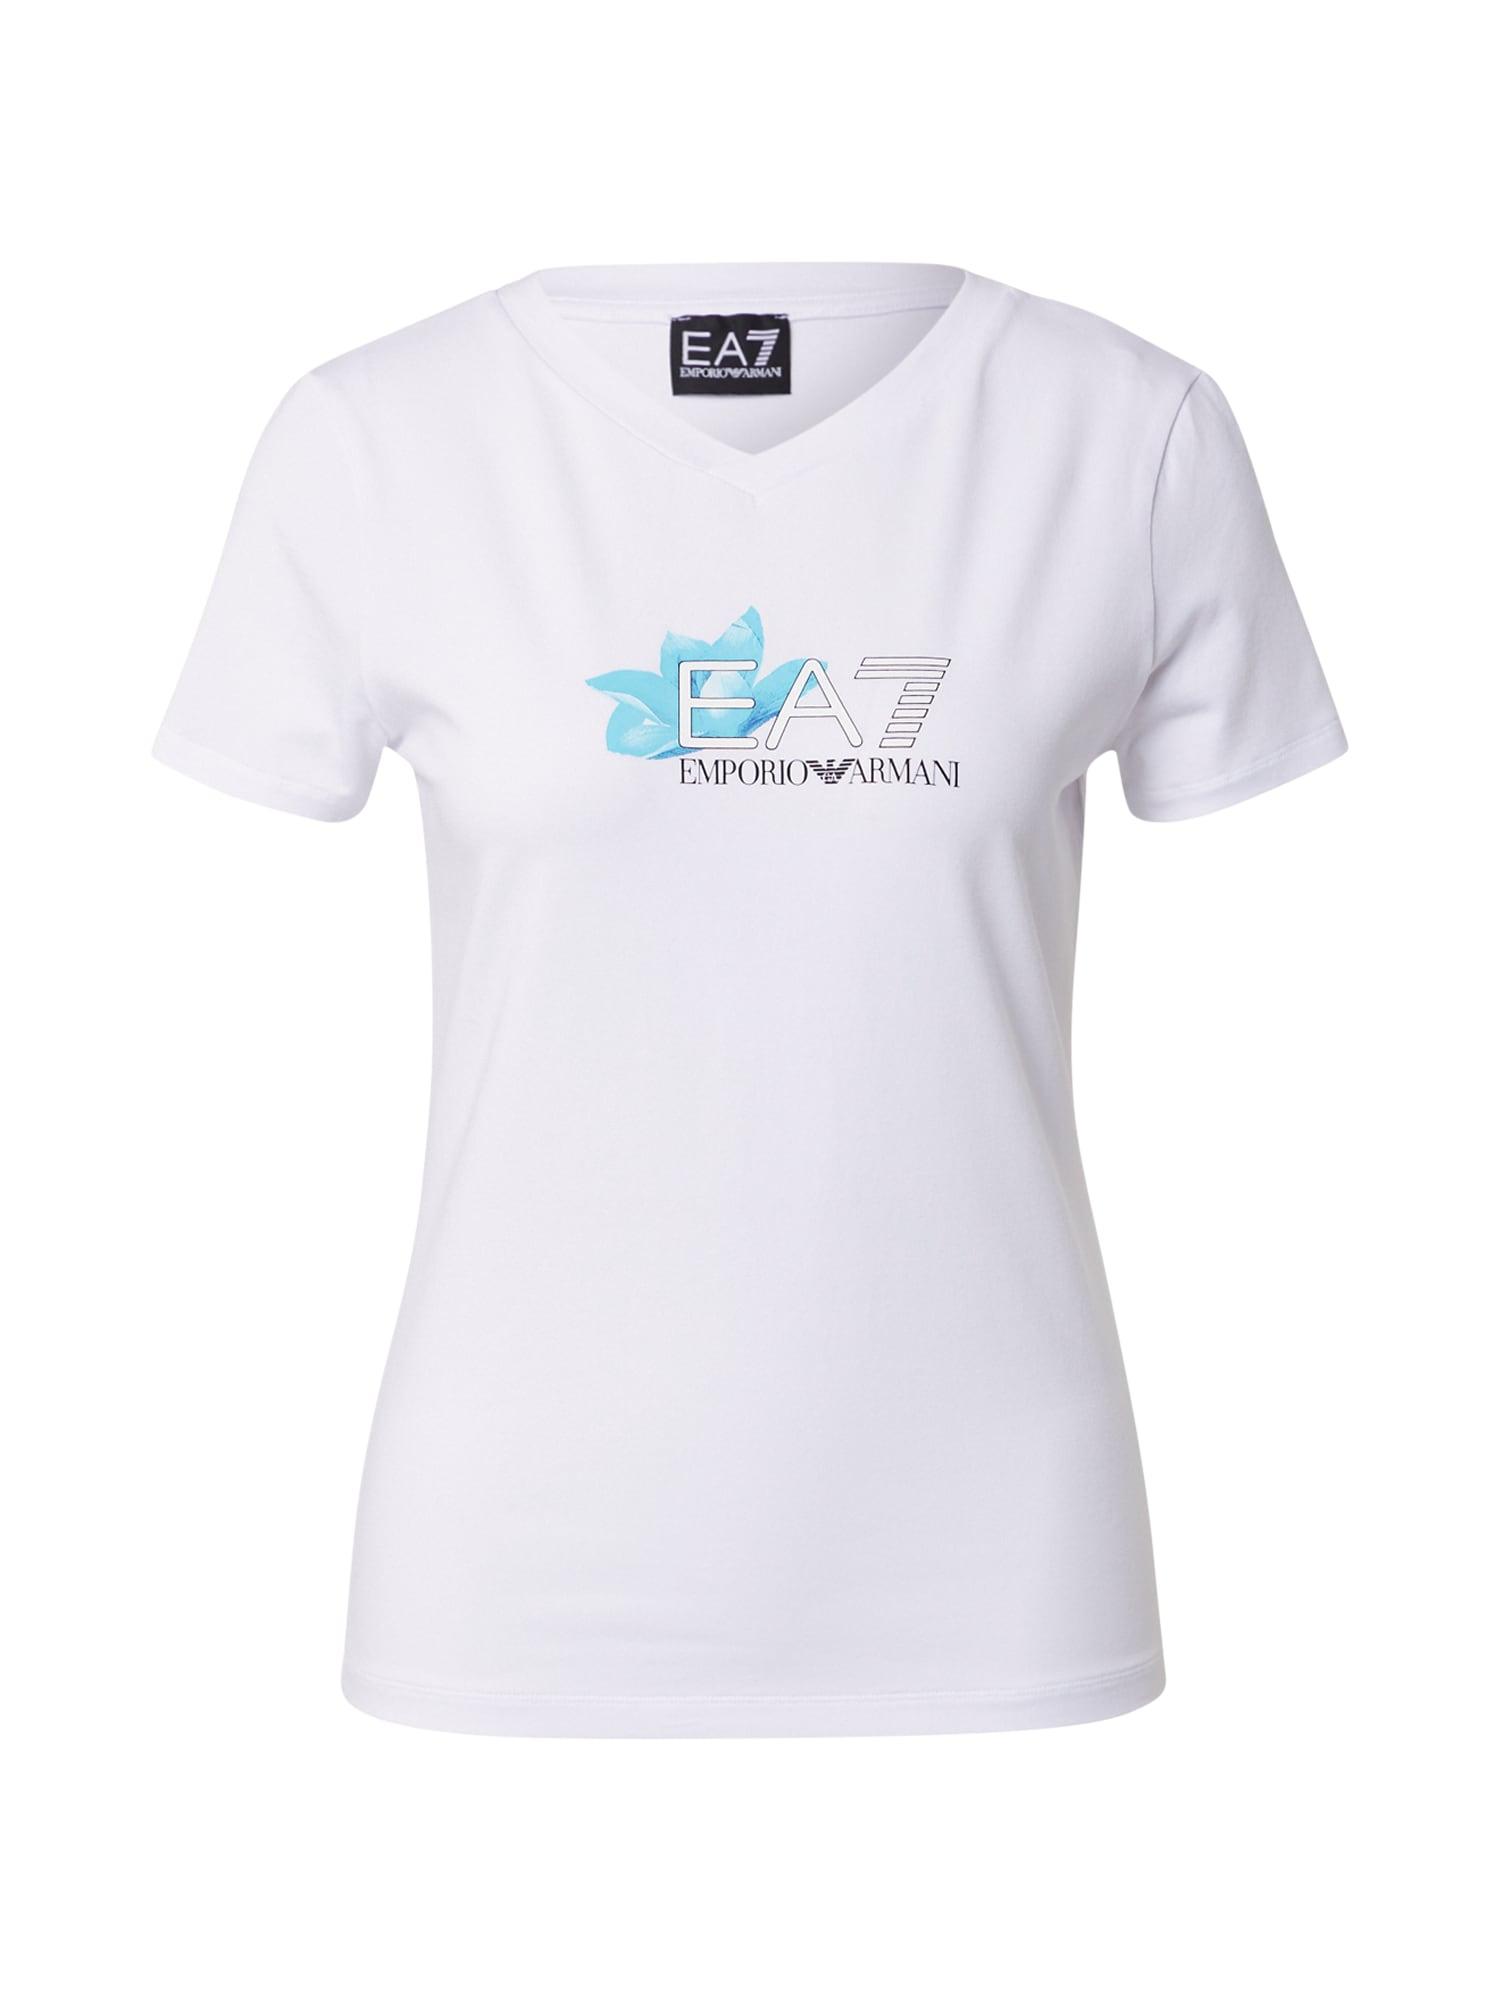 EA7 Emporio Armani Marškinėliai balkšva / turkio spalva / juoda